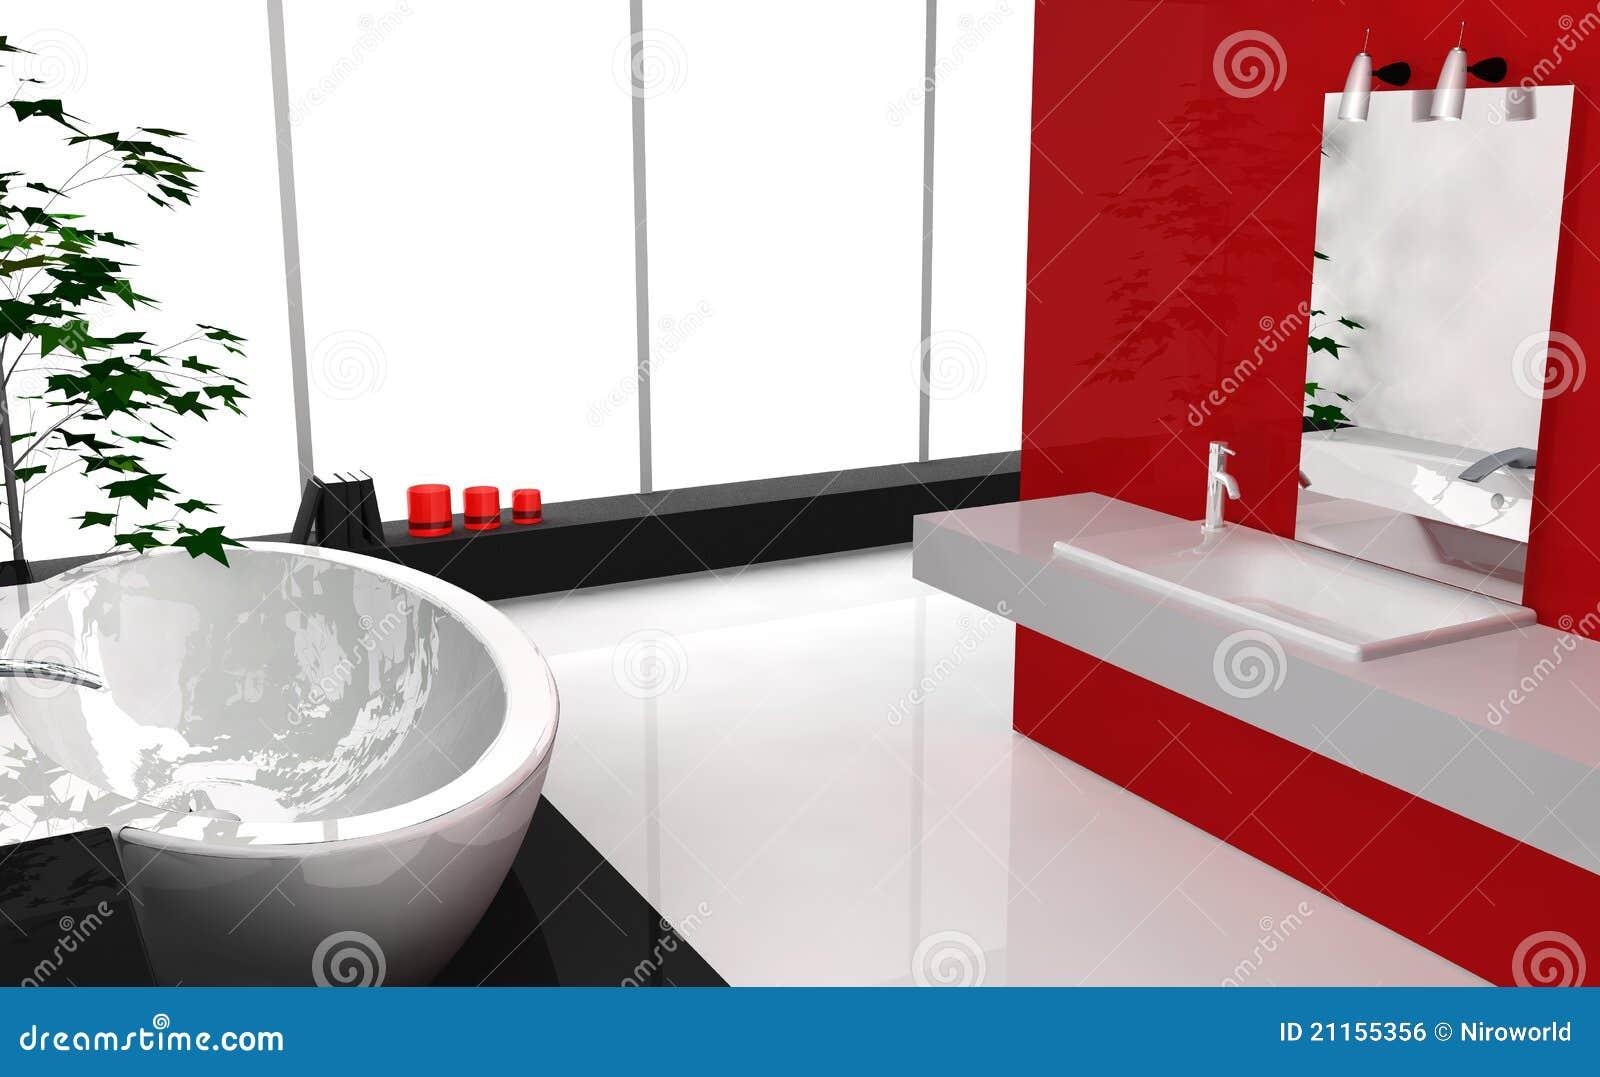 Baño De Lujo Moderno:Cuarto De Baño De Lujo Moderno Imagen de archivo libre de regalías